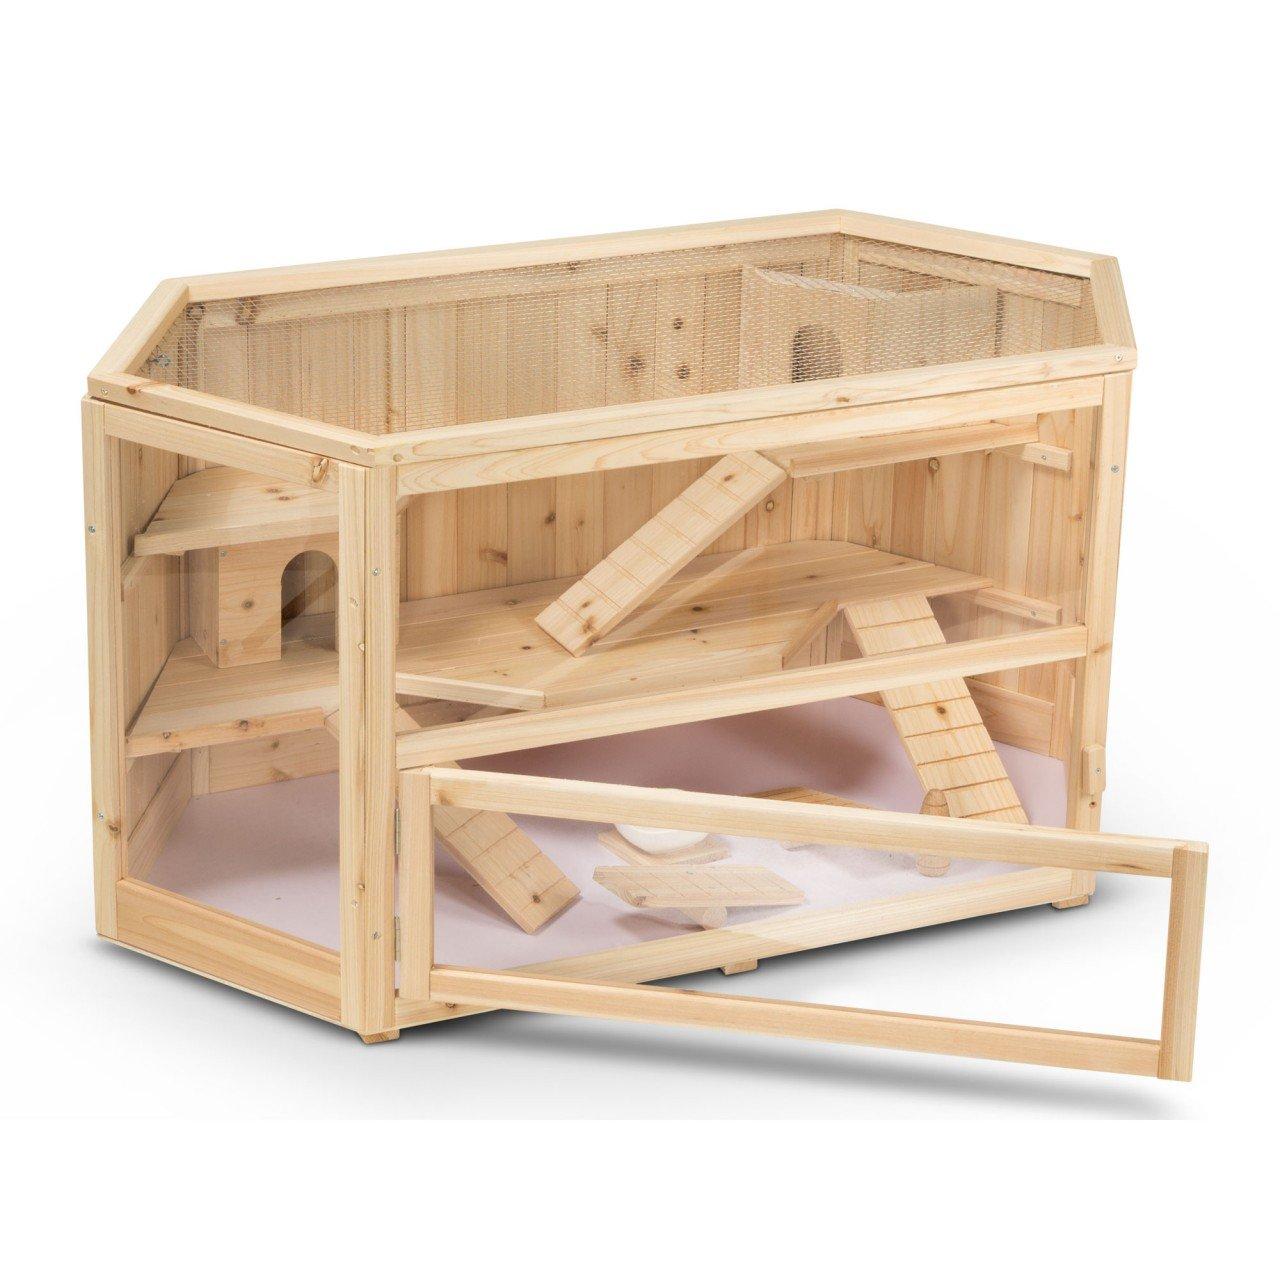 Timbo Gabbia per piccoli animali FANNY in legno 115x60x58 cm, gabbia per porcellini d'India, gabbia per piccoli animali, gabbia per criceti, gabbia per rodenti